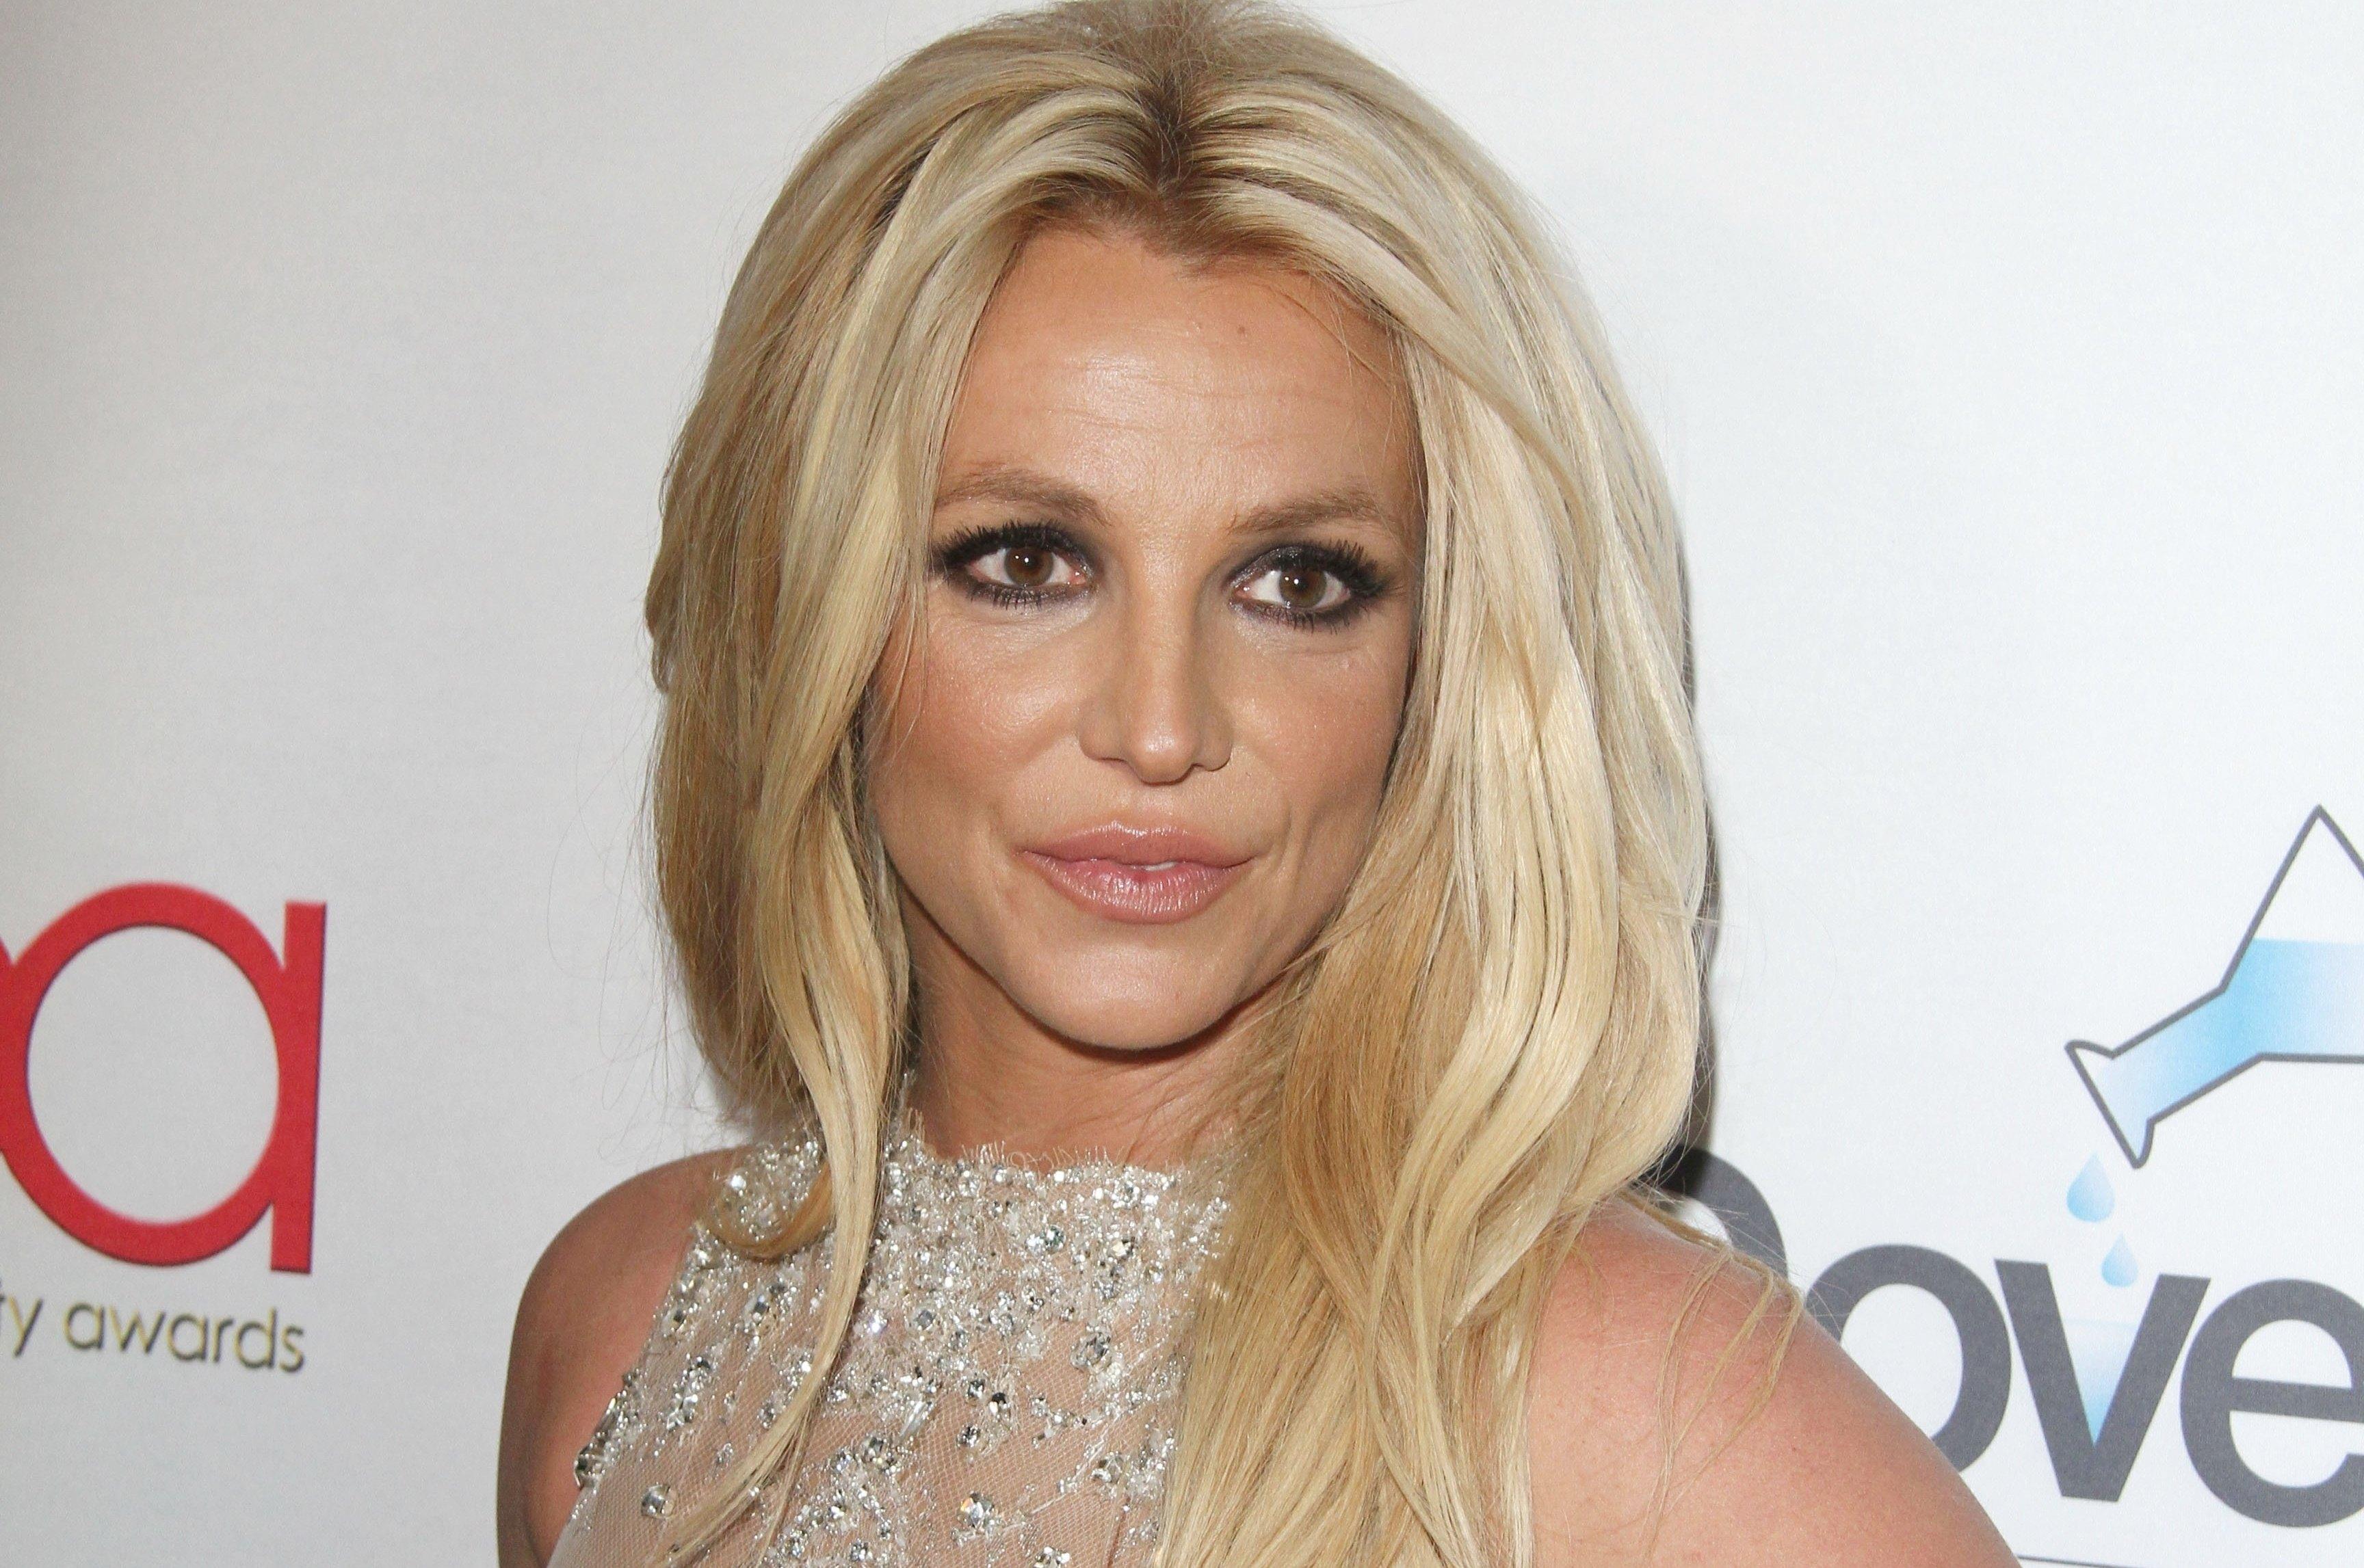 Бритни Спирс пожаловалась на травлю в инстаграме